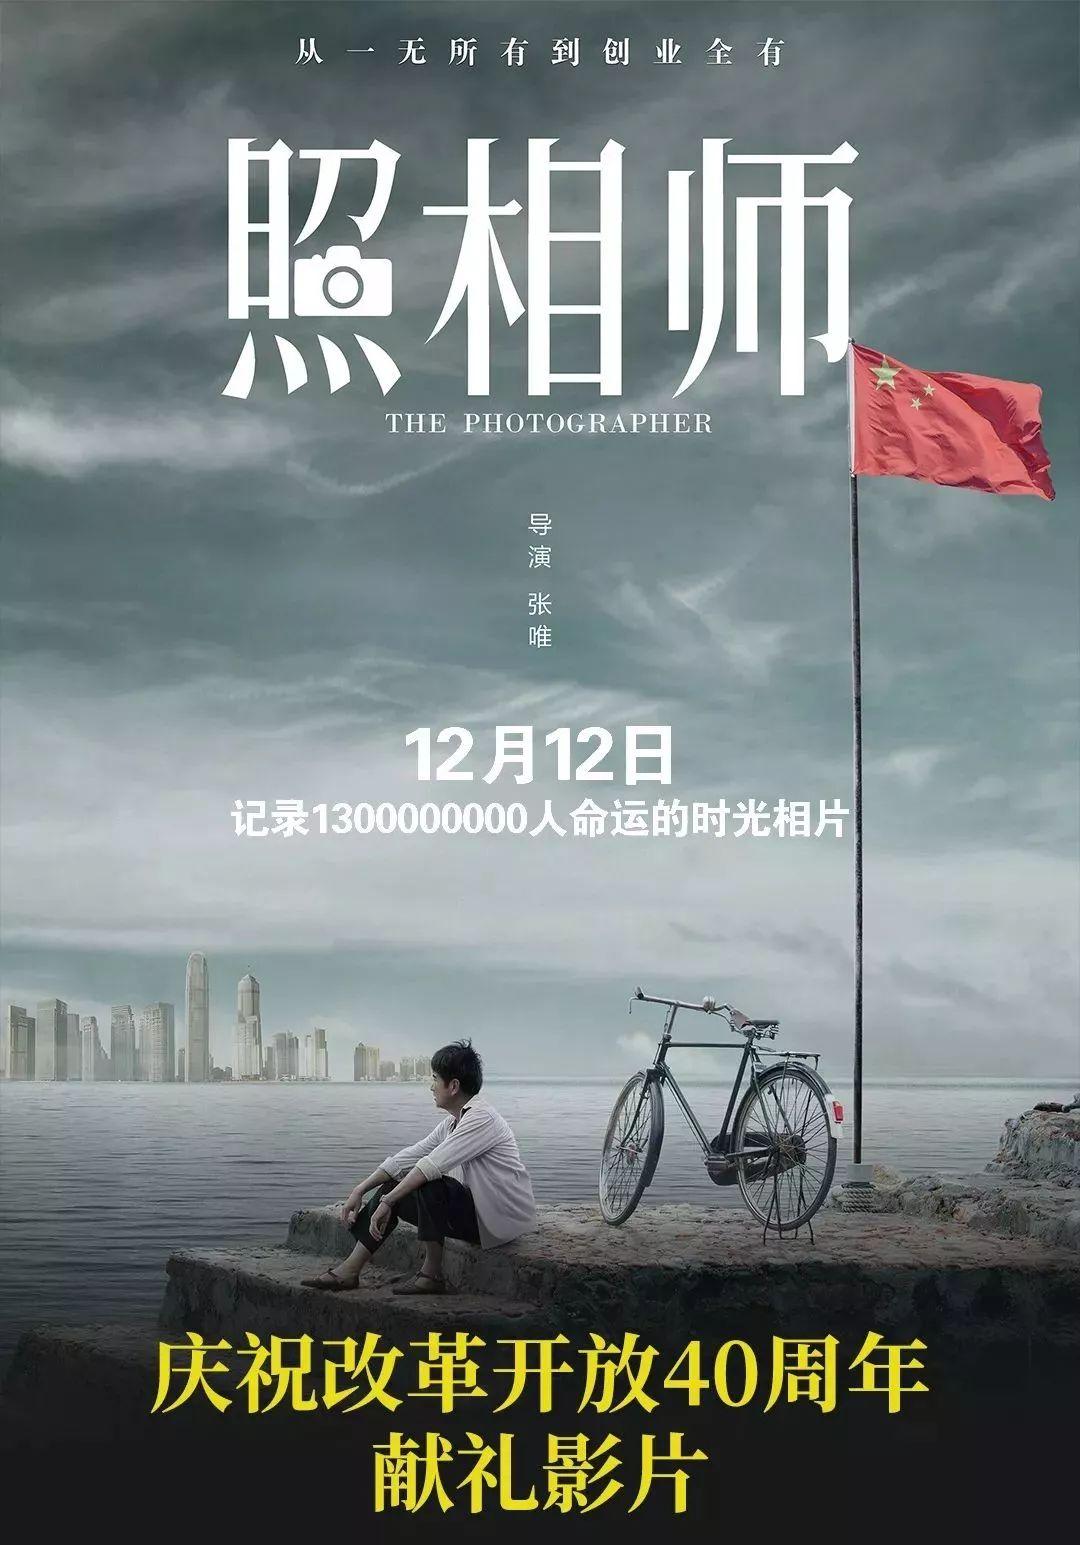 献礼改革开放40周年电影《照相师》